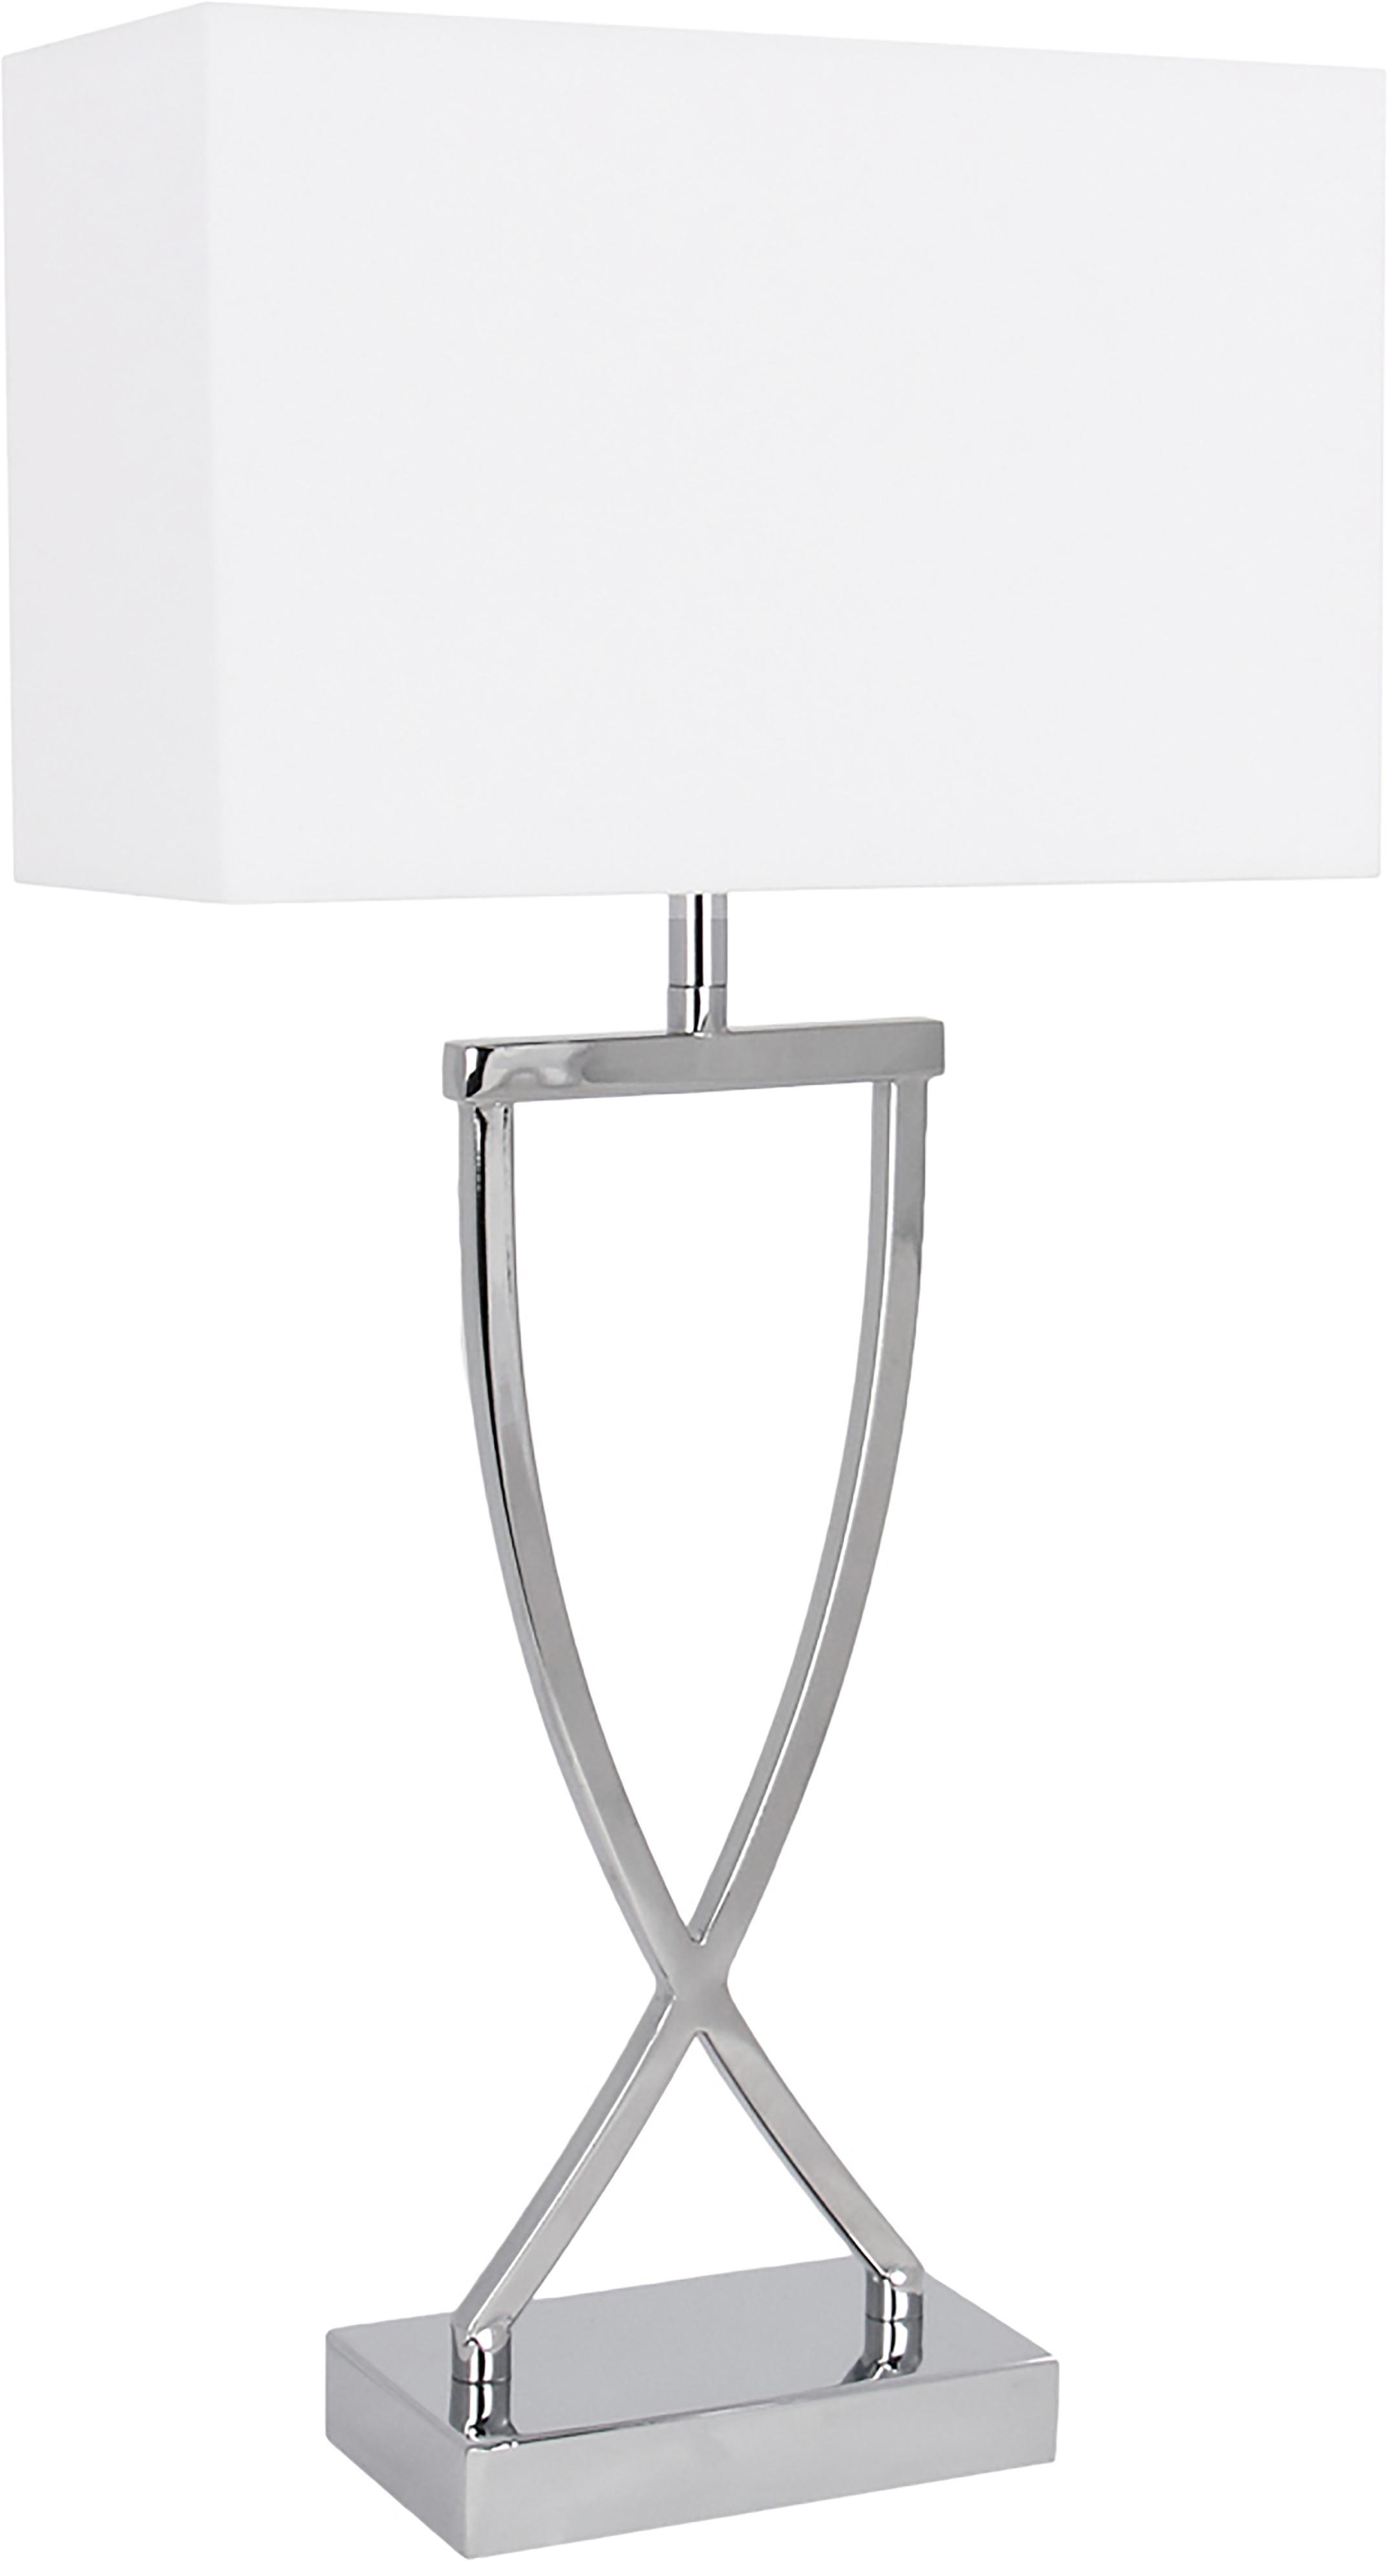 Klassische Tischlampe Vanessa, Lampenfuß: Metall, Lampenschirm: Textil, Lampenfuß: Chrom, Lampenschirm: Weiß, Kabel: Weiß, 27 x 52 cm